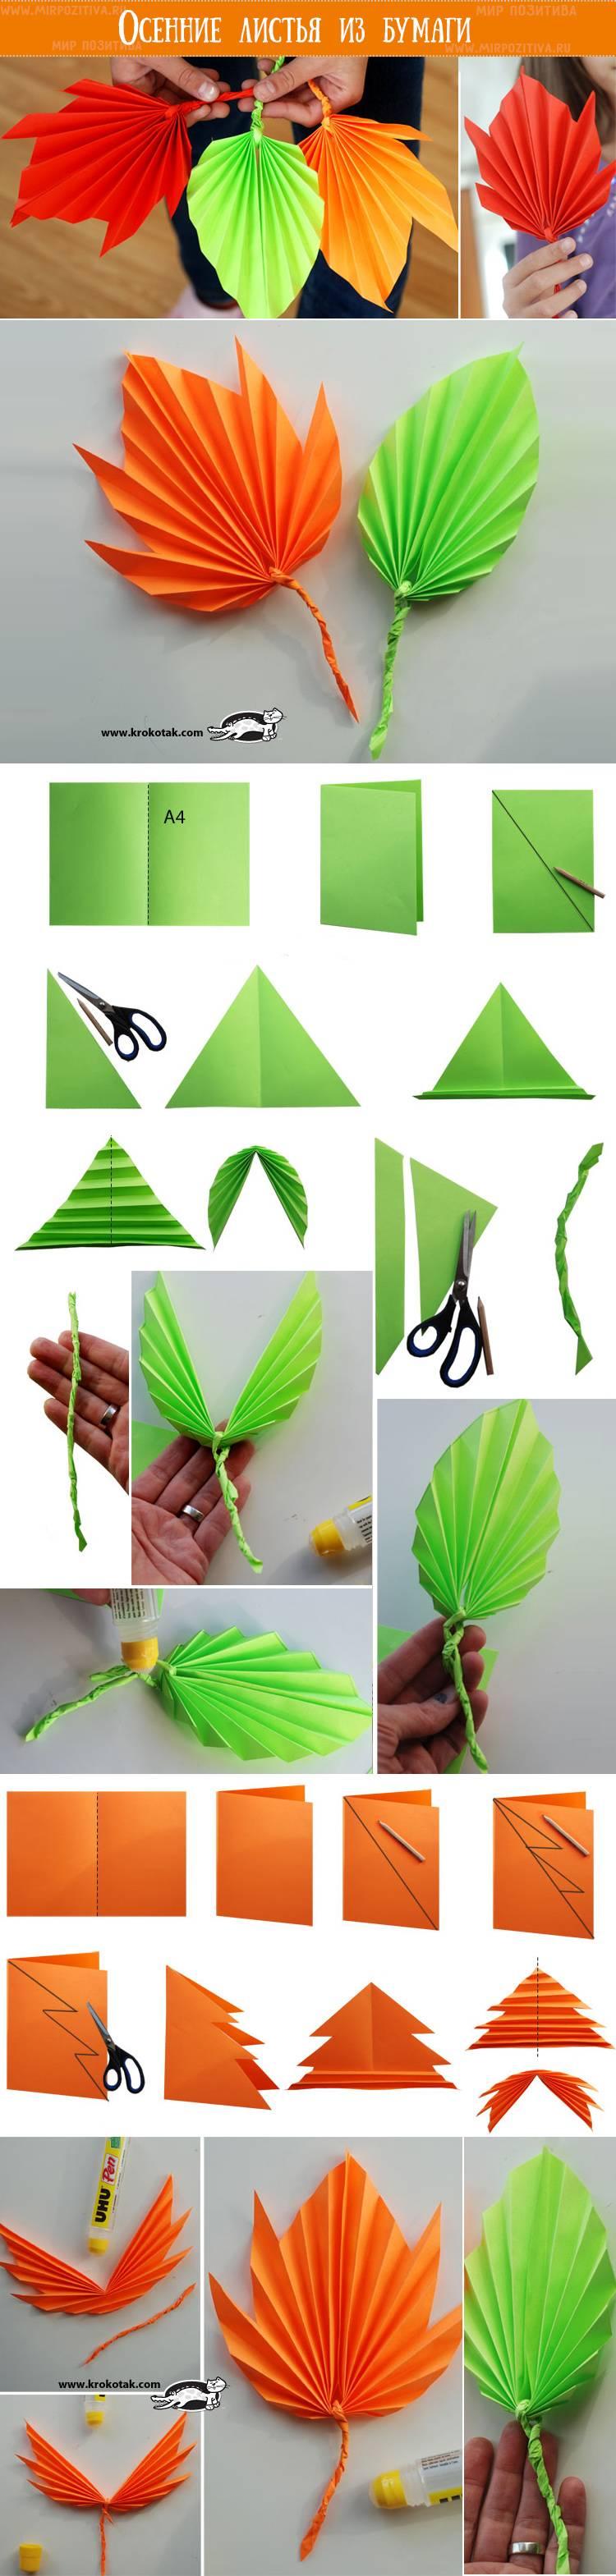 Поделки из бумаги своими руками - подборка простых и понятных мастер-классы с фото примерами